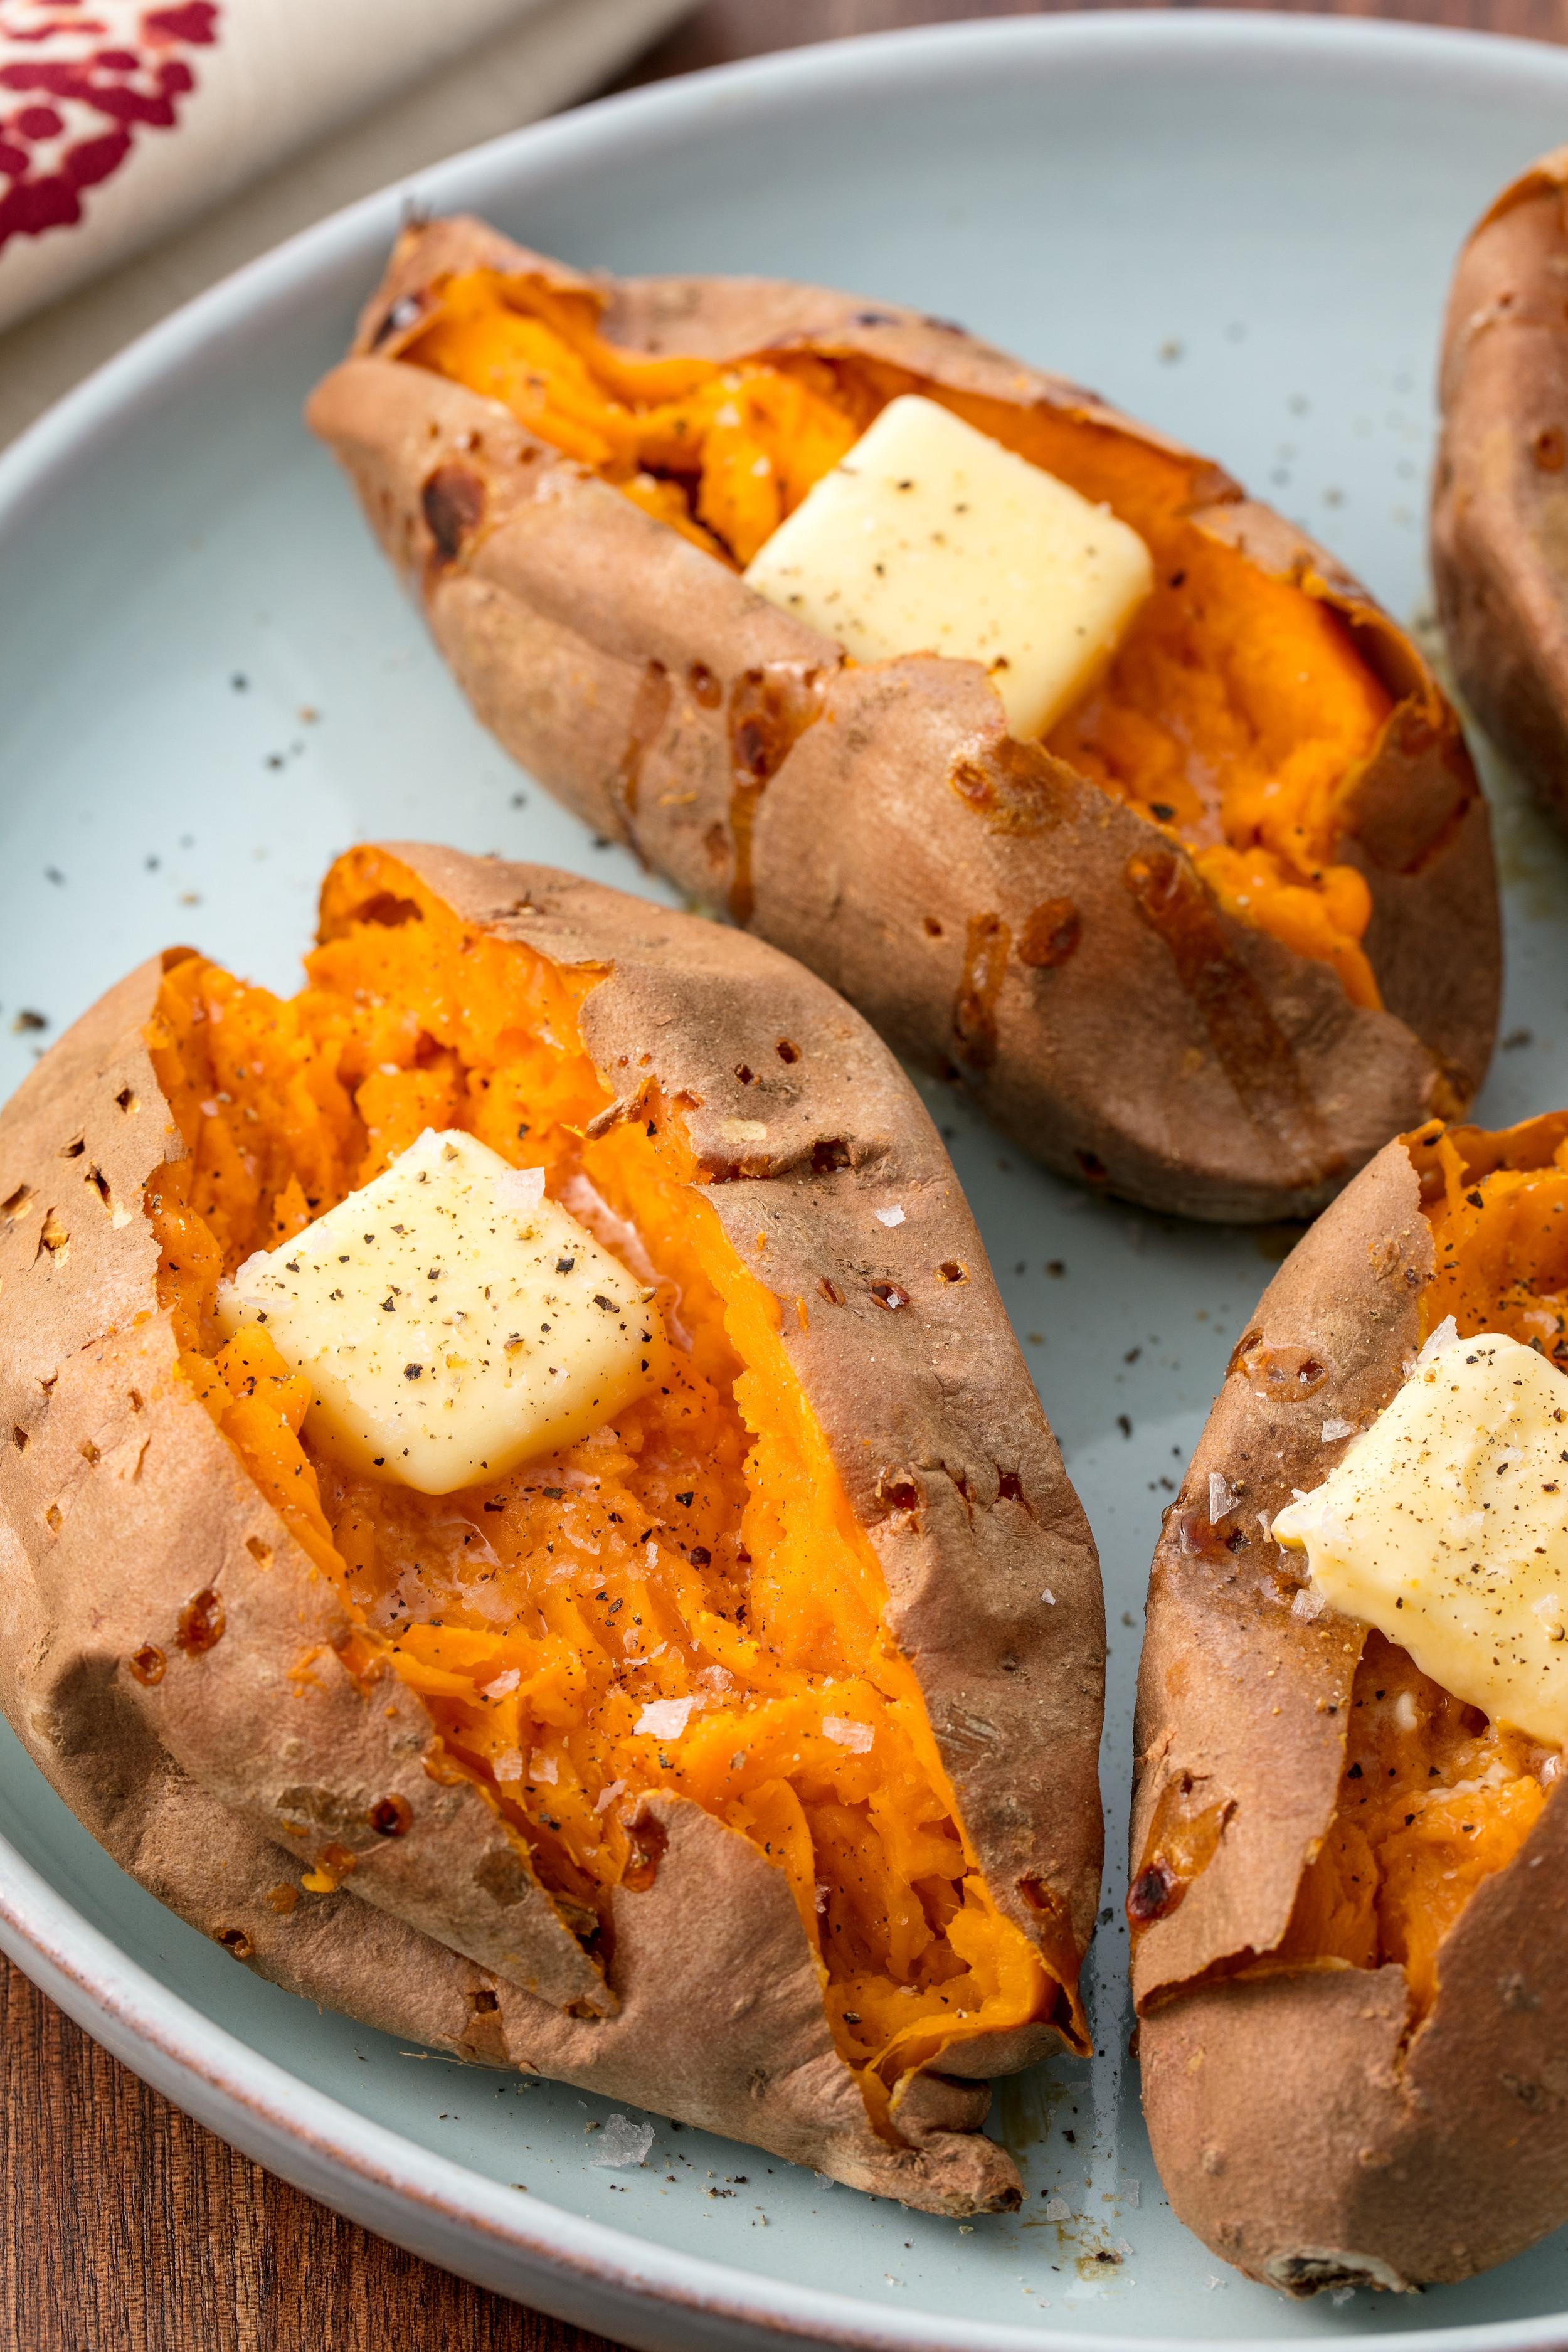 Baked Sweet Potato Recipes  30 Best Baked Potato Recipes Fully Loaded Baked